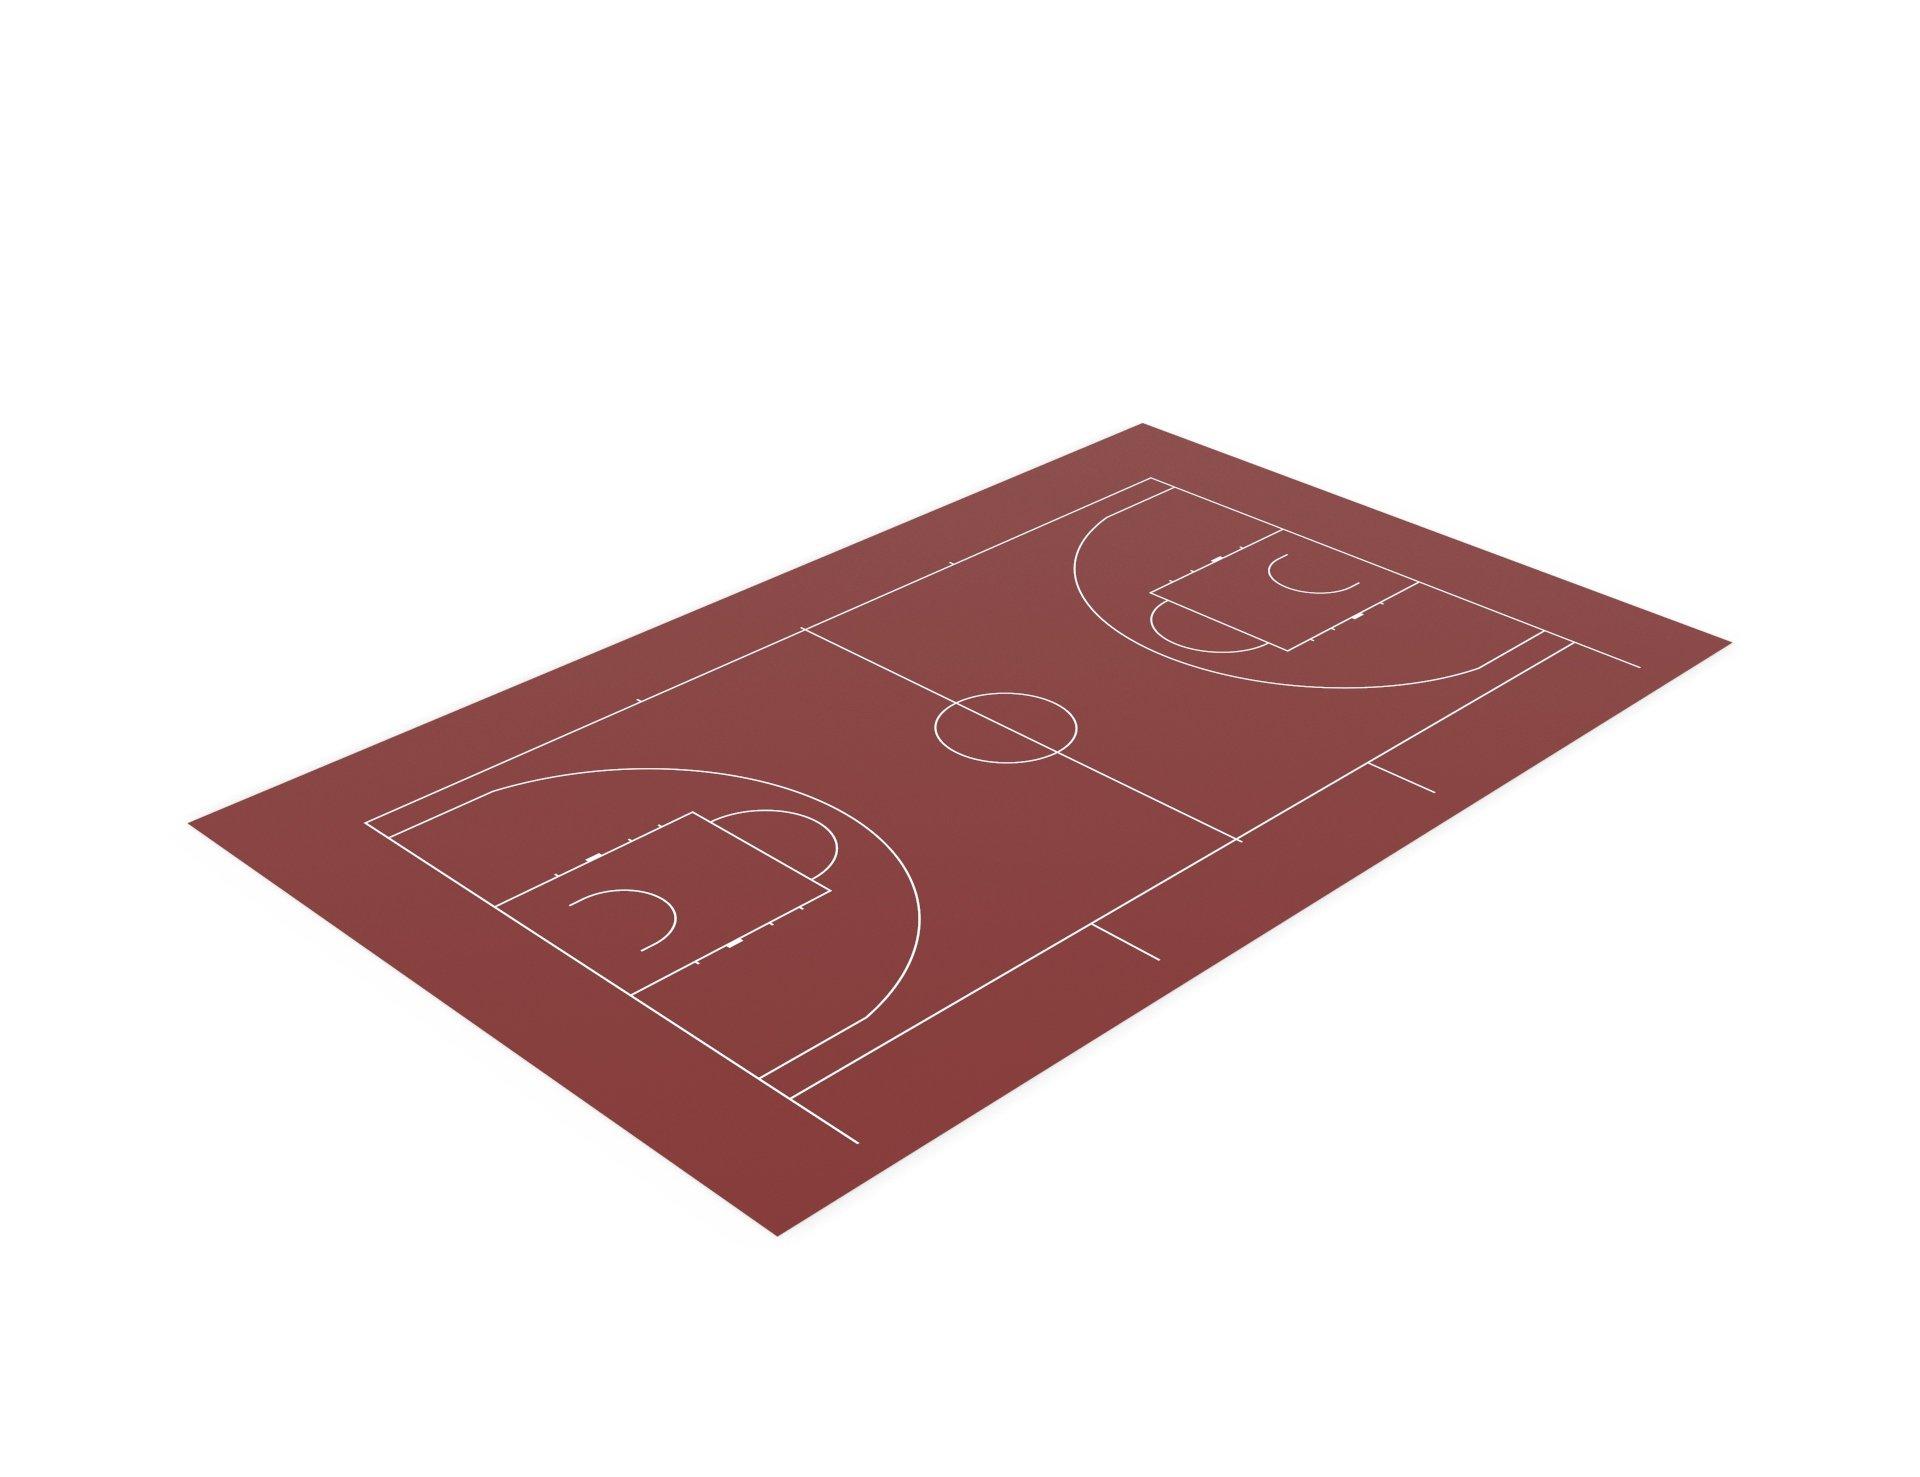 Разметка спортивных площадок. Разметка баскетбольной площадки.